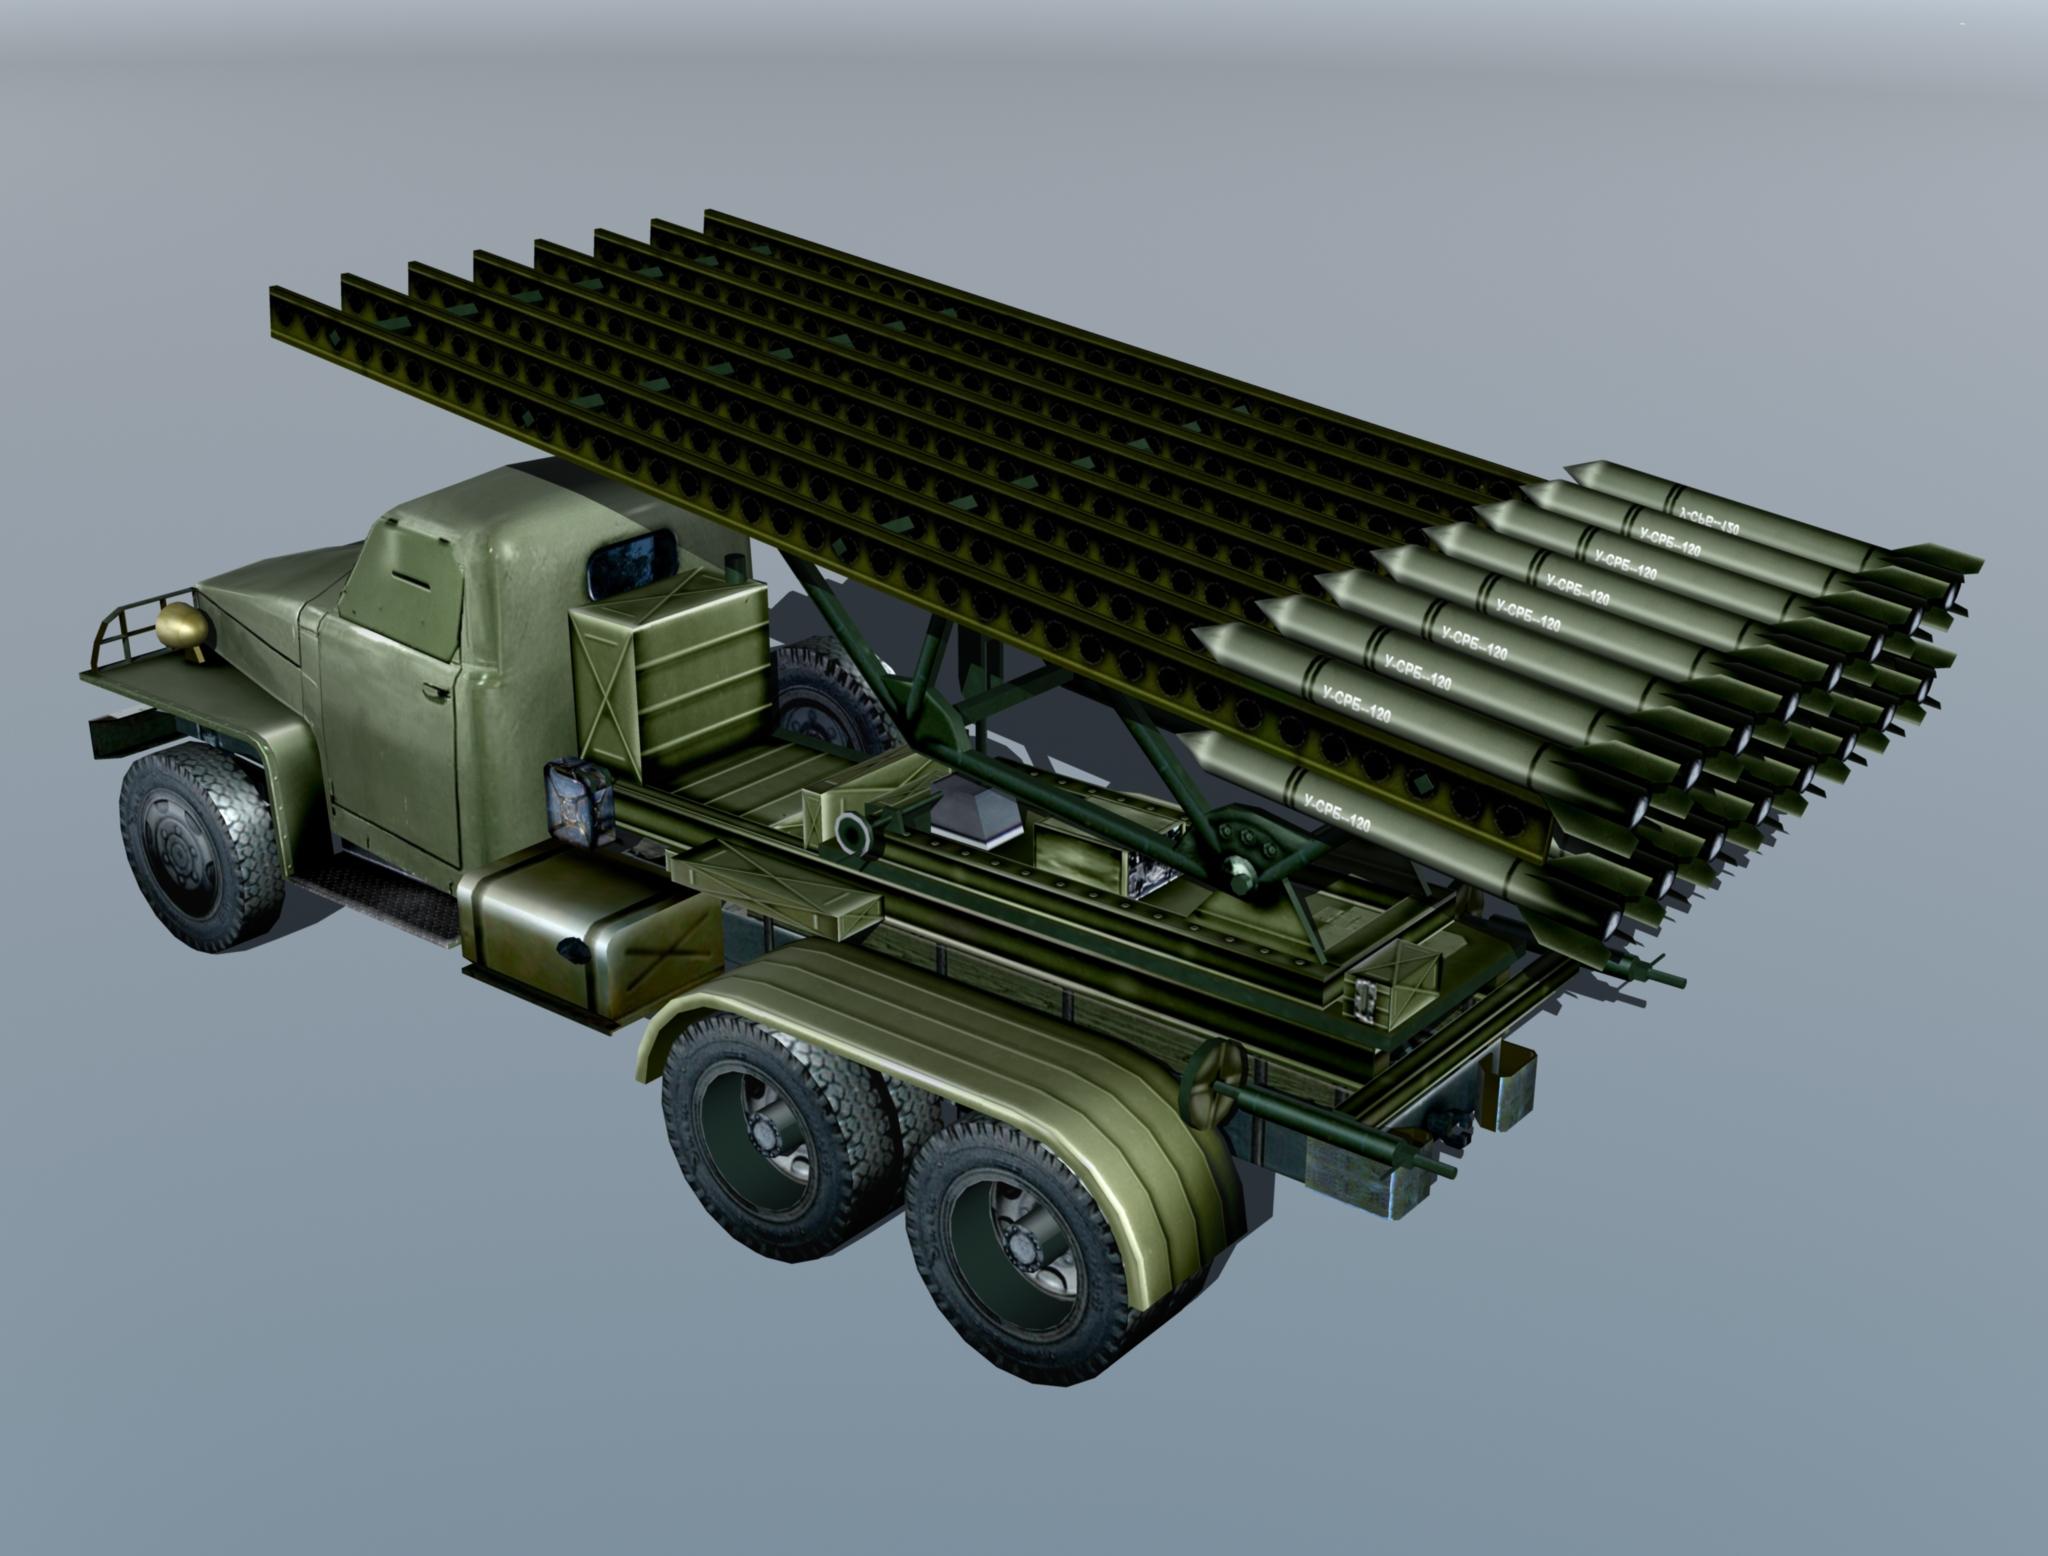 bm-13 – installation rocket artillery 'katusha'. 3d model 3ds max fbx obj 213995